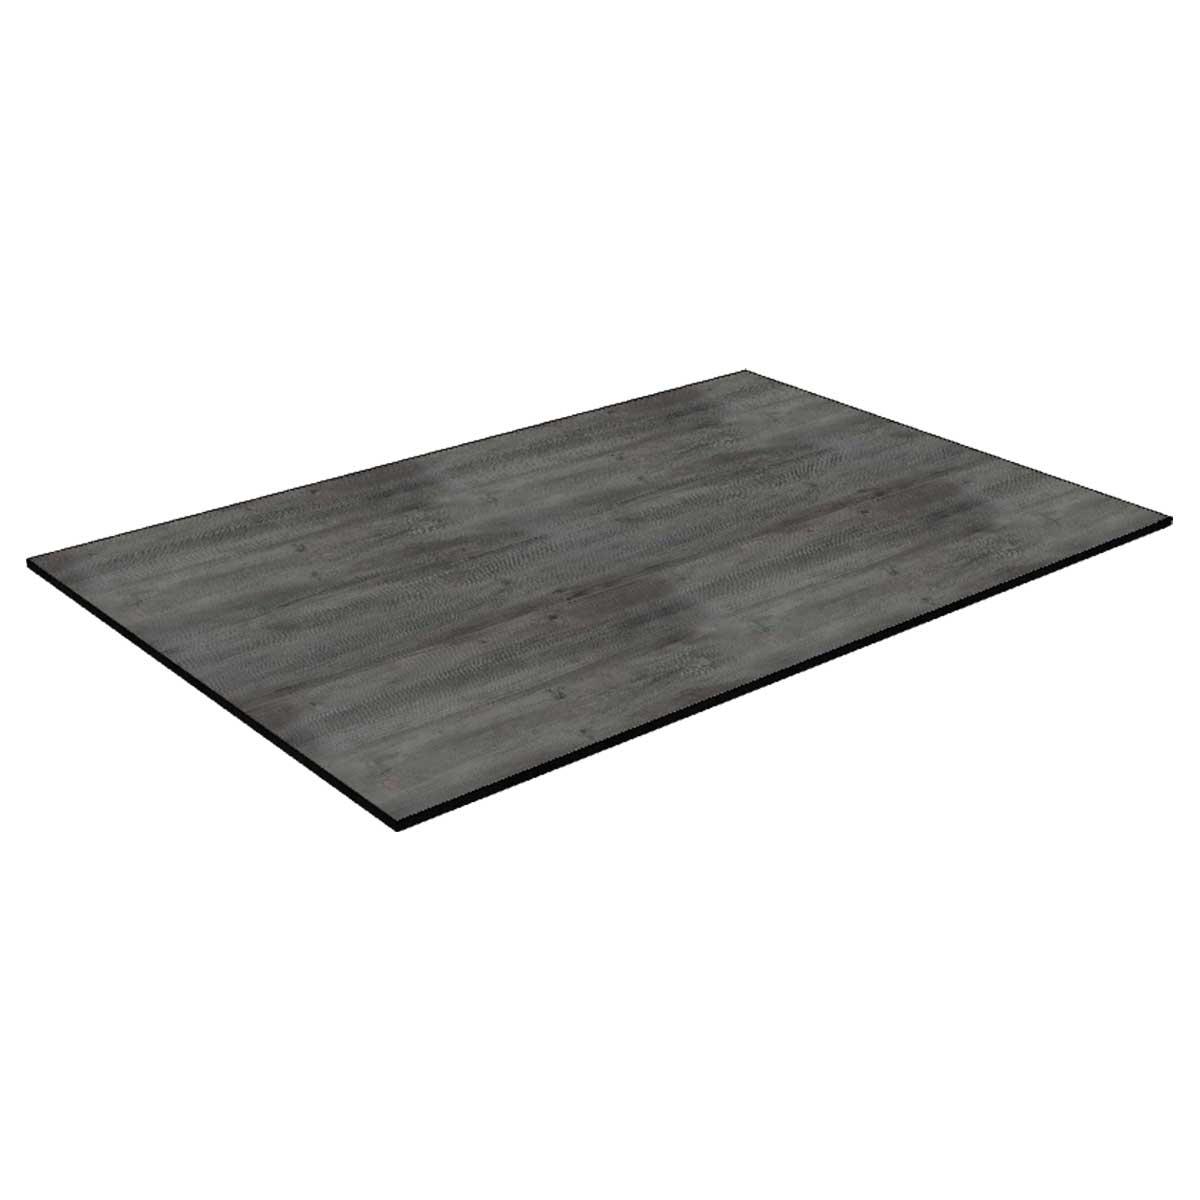 TICAR E120X80 179 - https://www.werzalit.com/fr/produit/plateau-de-table-carino-e-100x60-epaisseur-du-plateau-de-la-table-12mm-decor-179-ponderosa-grau/